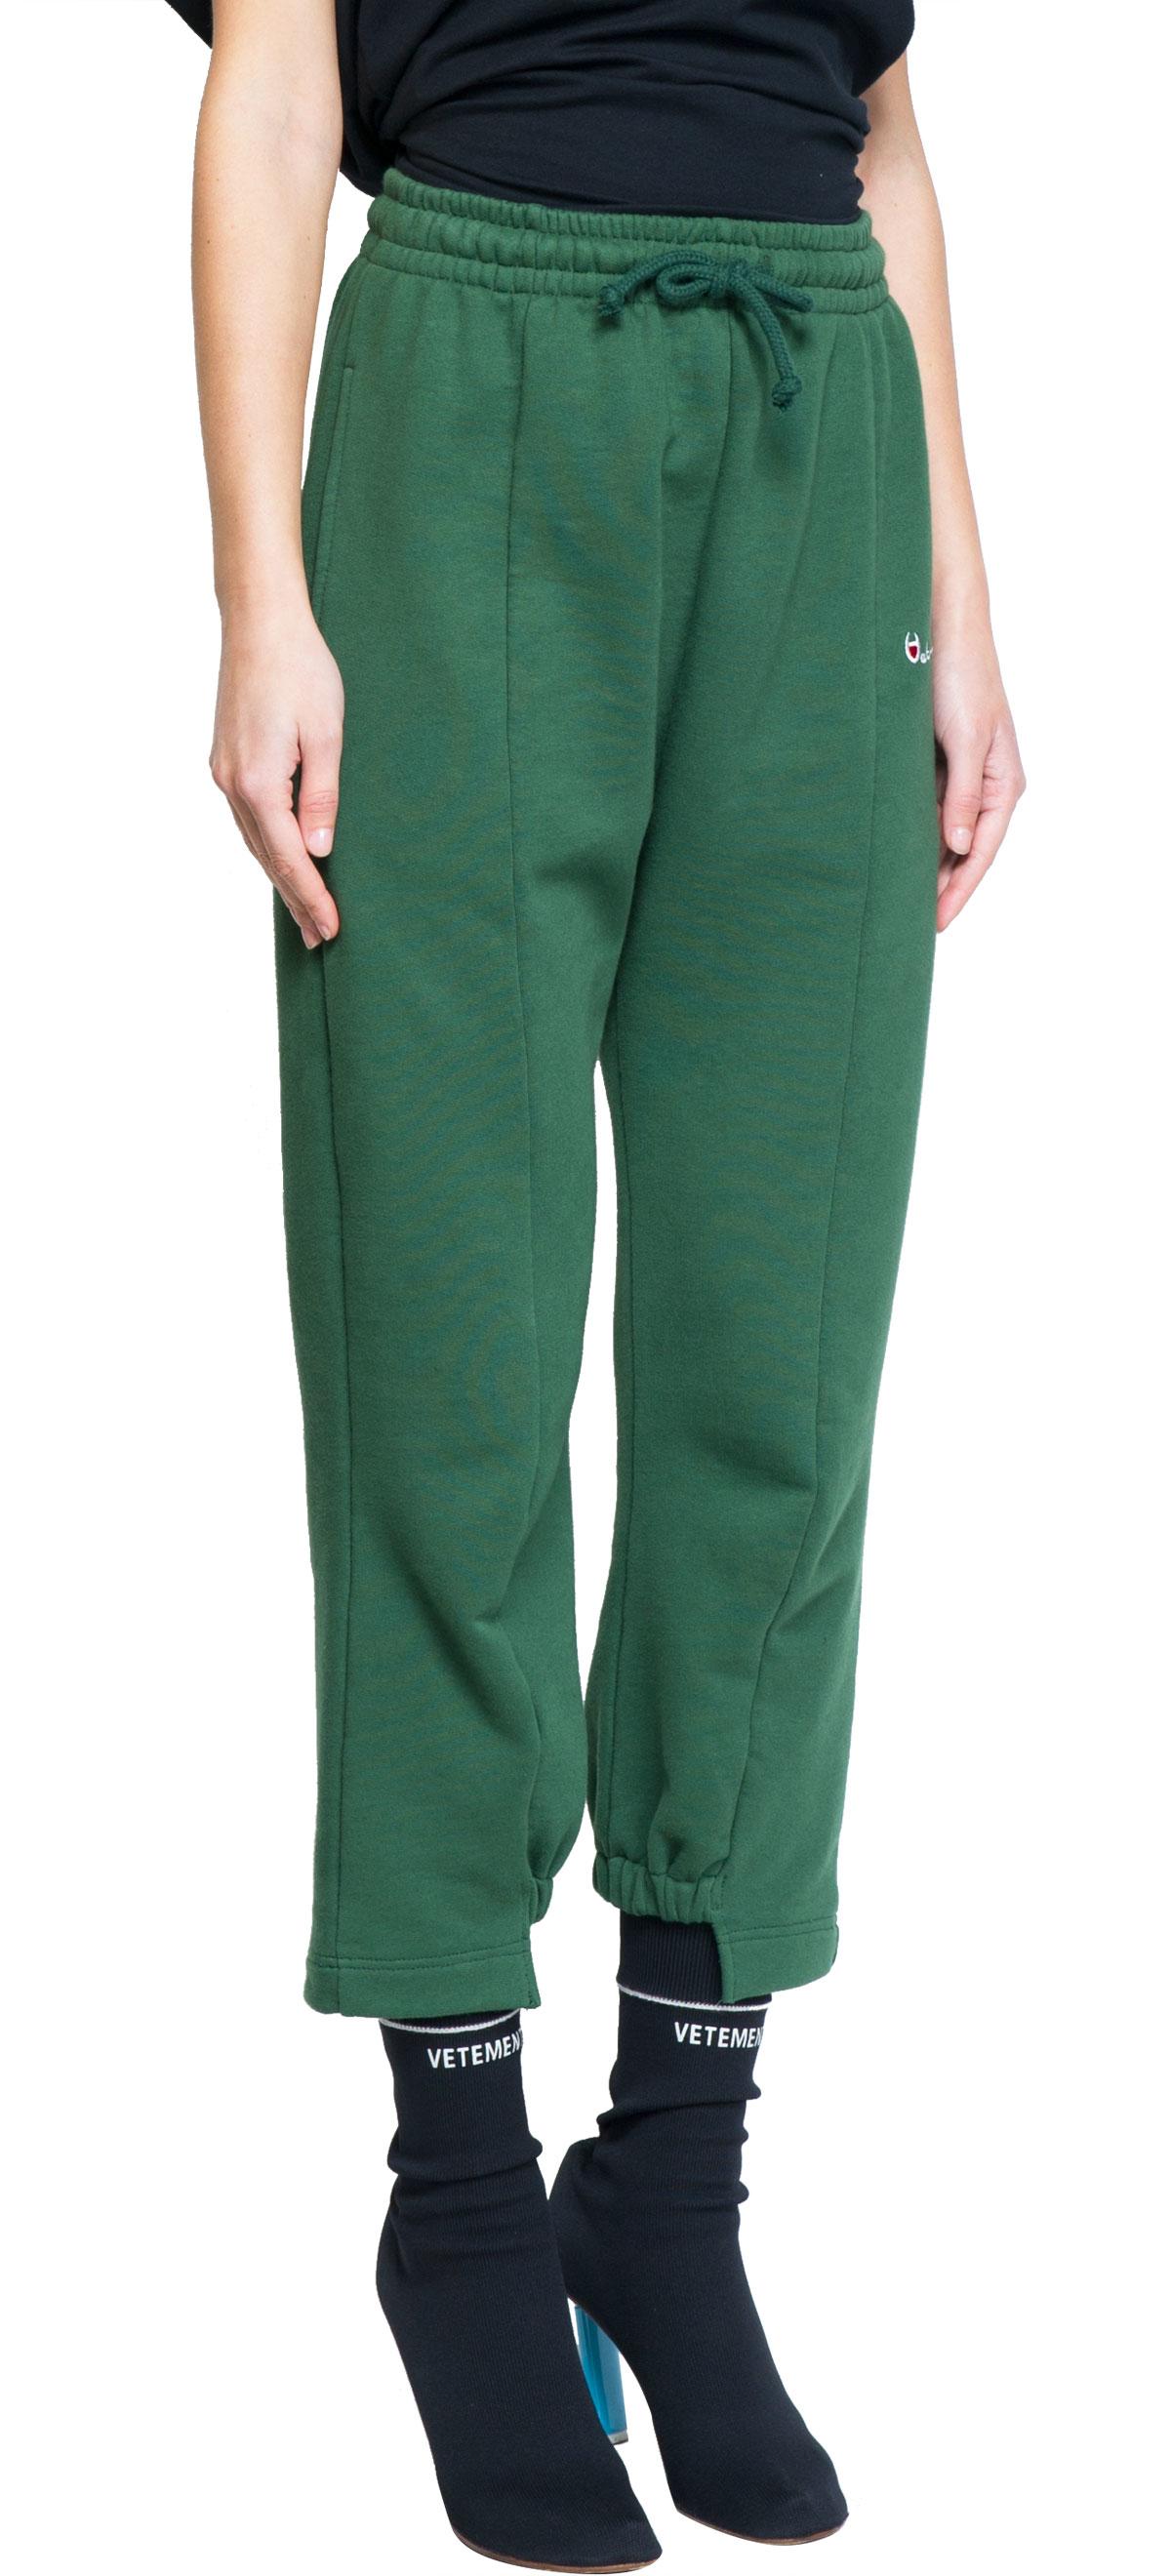 Vetements Green Sweatpants in Green | Lyst